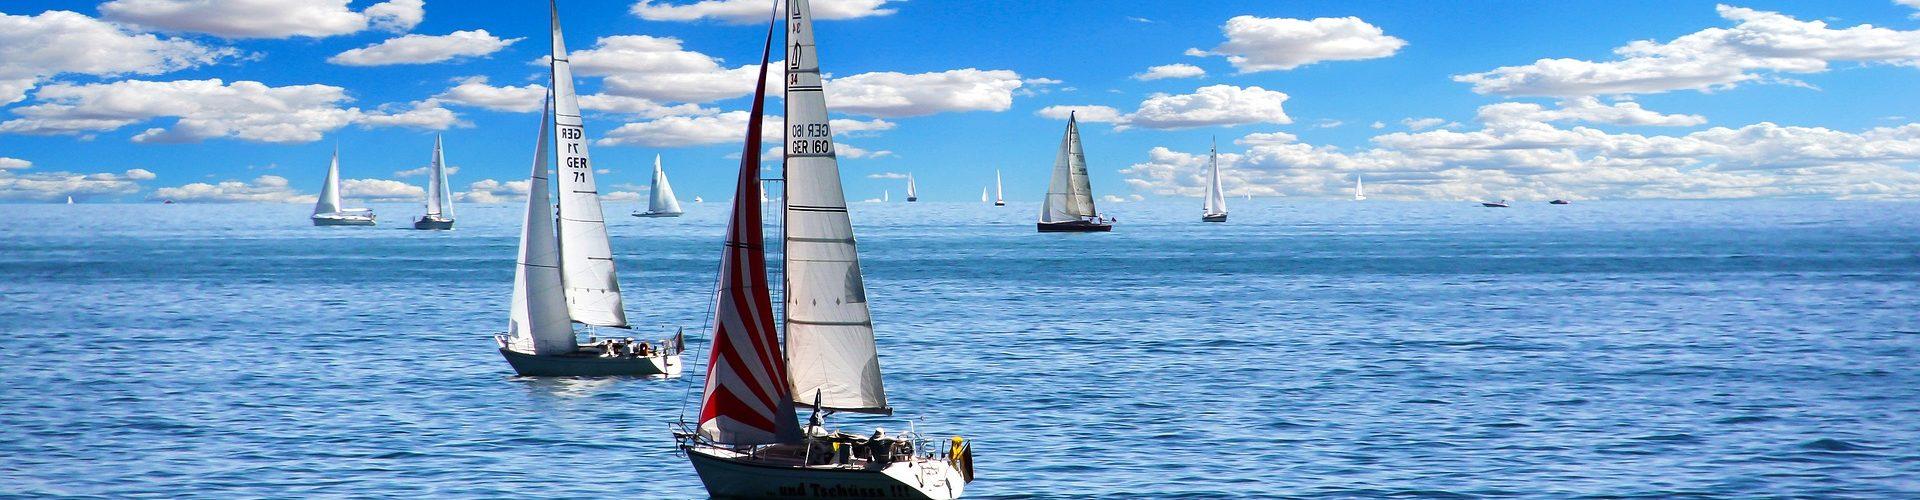 segeln lernen in Hohenwarte segelschein machen in Hohenwarte 1920x500 - Segeln lernen in Hohenwarte